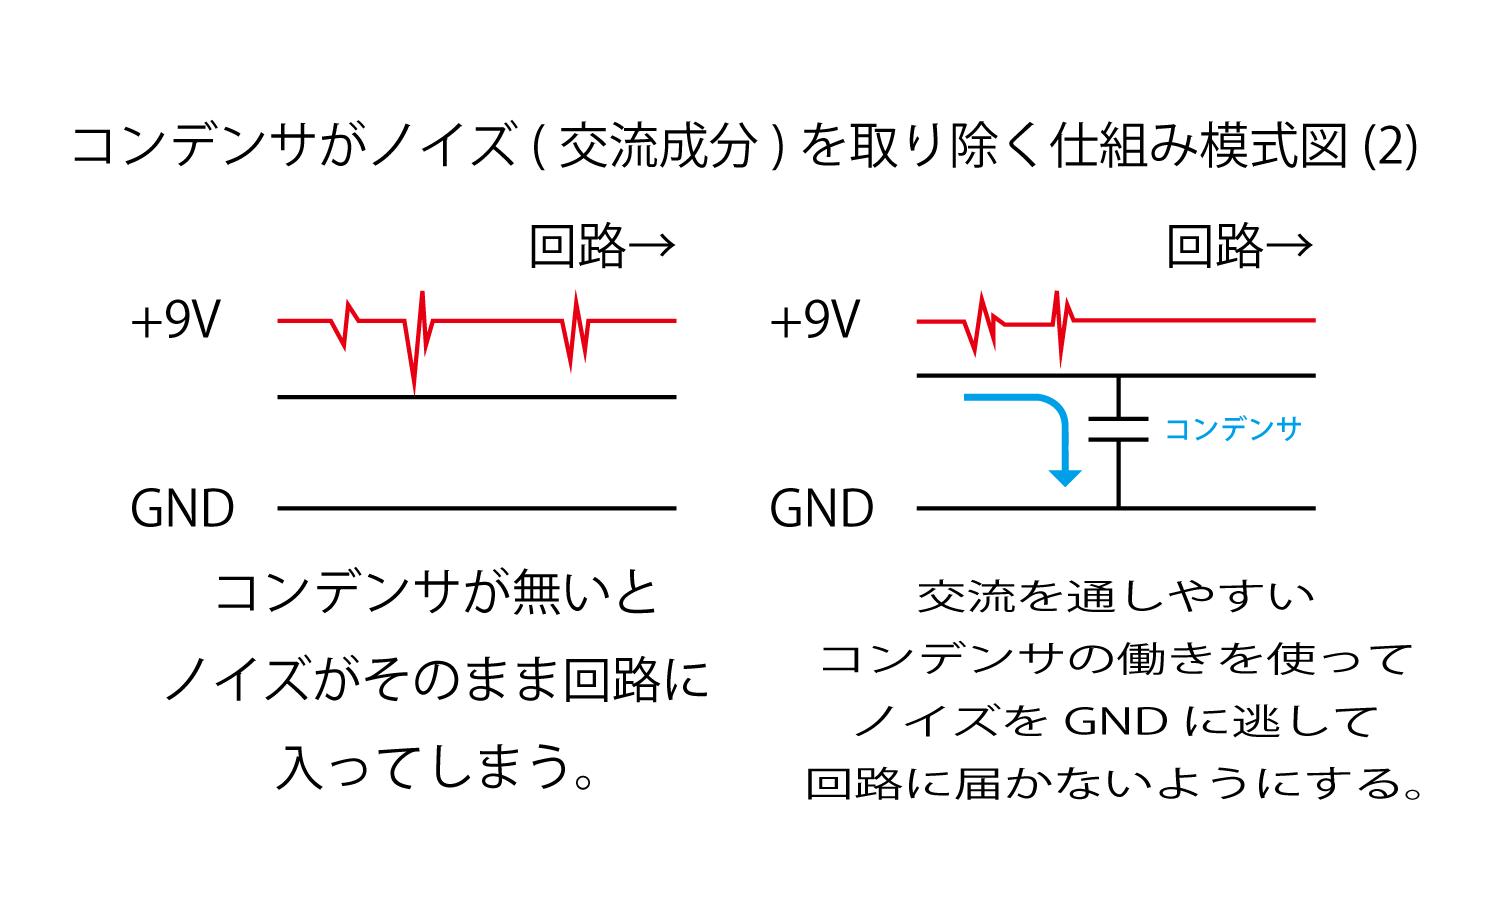 コンデンサがノイズ(交流成分)を取り除く仕組み模式図(2)